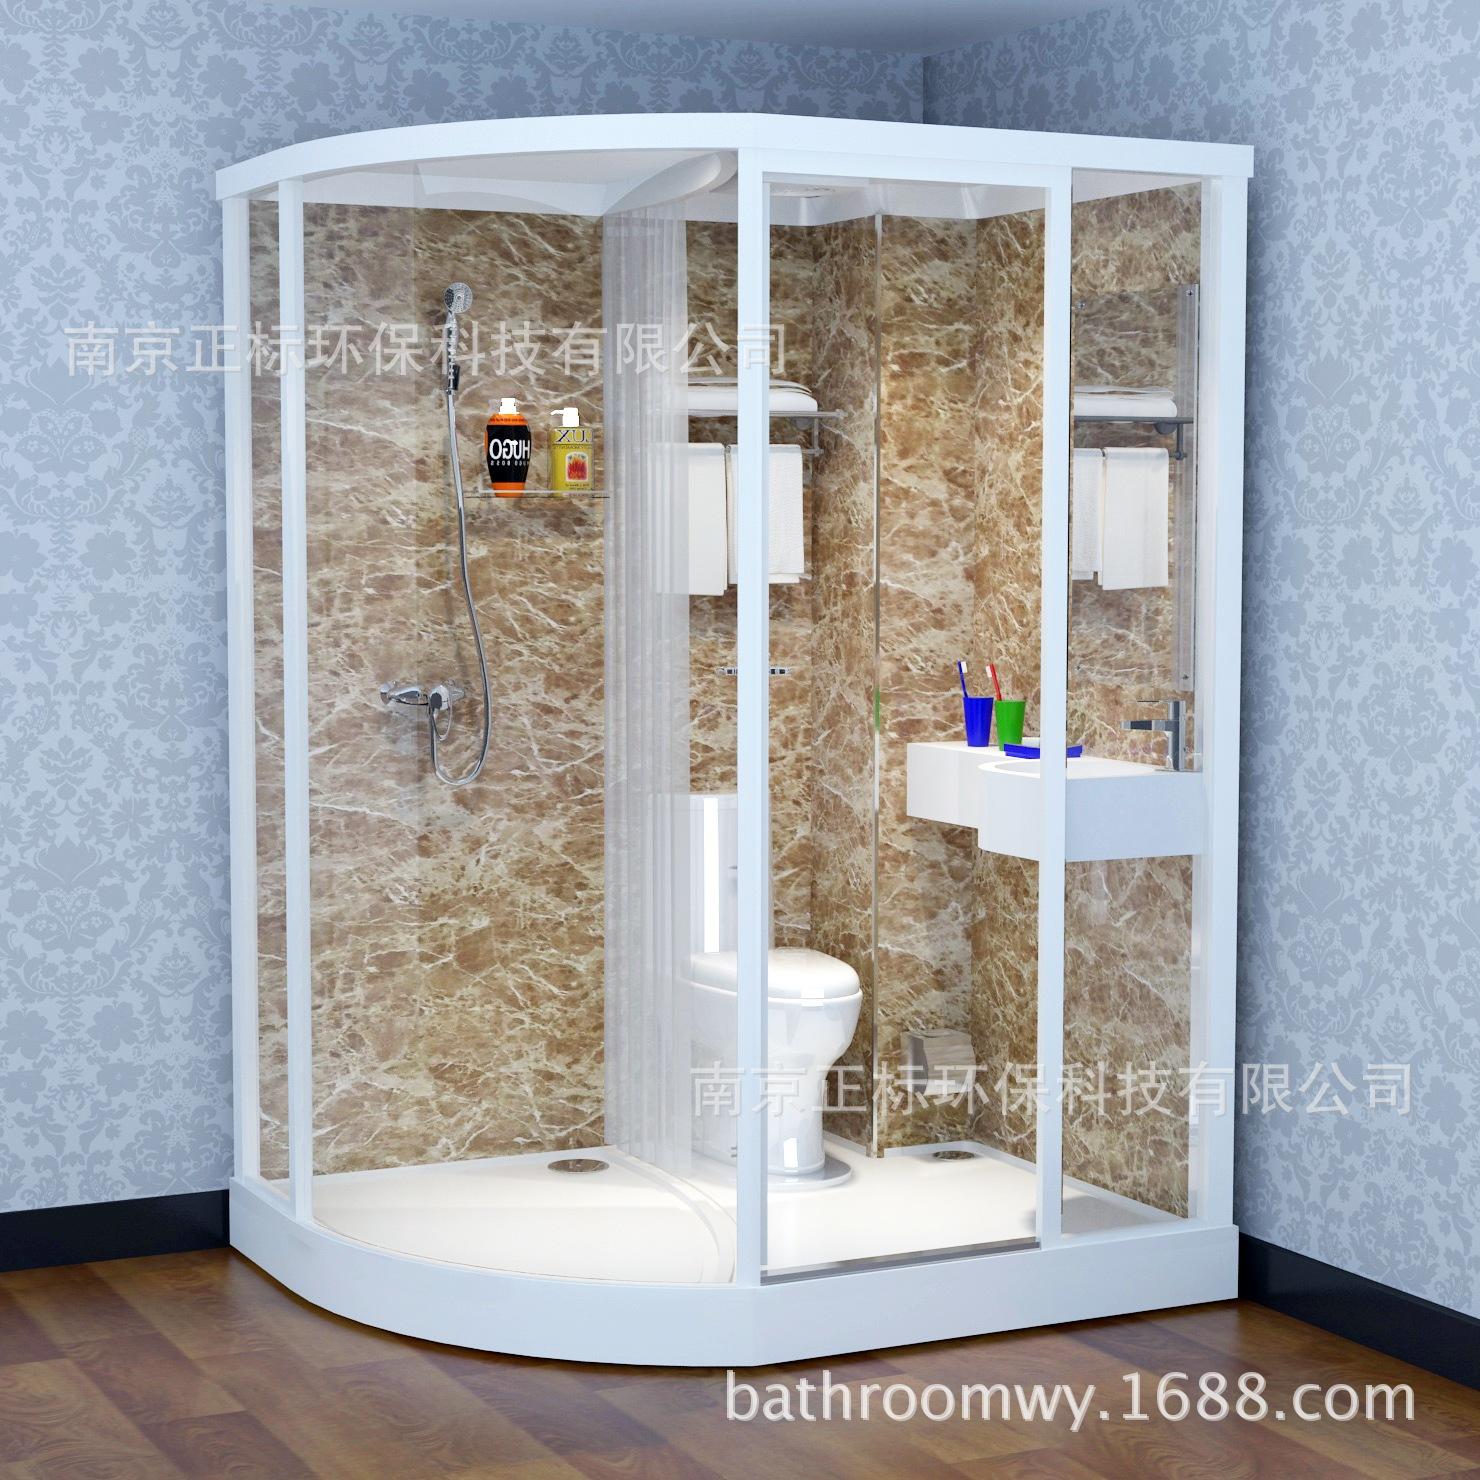 整体浴室集成卫生间 玻璃淋浴房 现代化成品卫生间加工